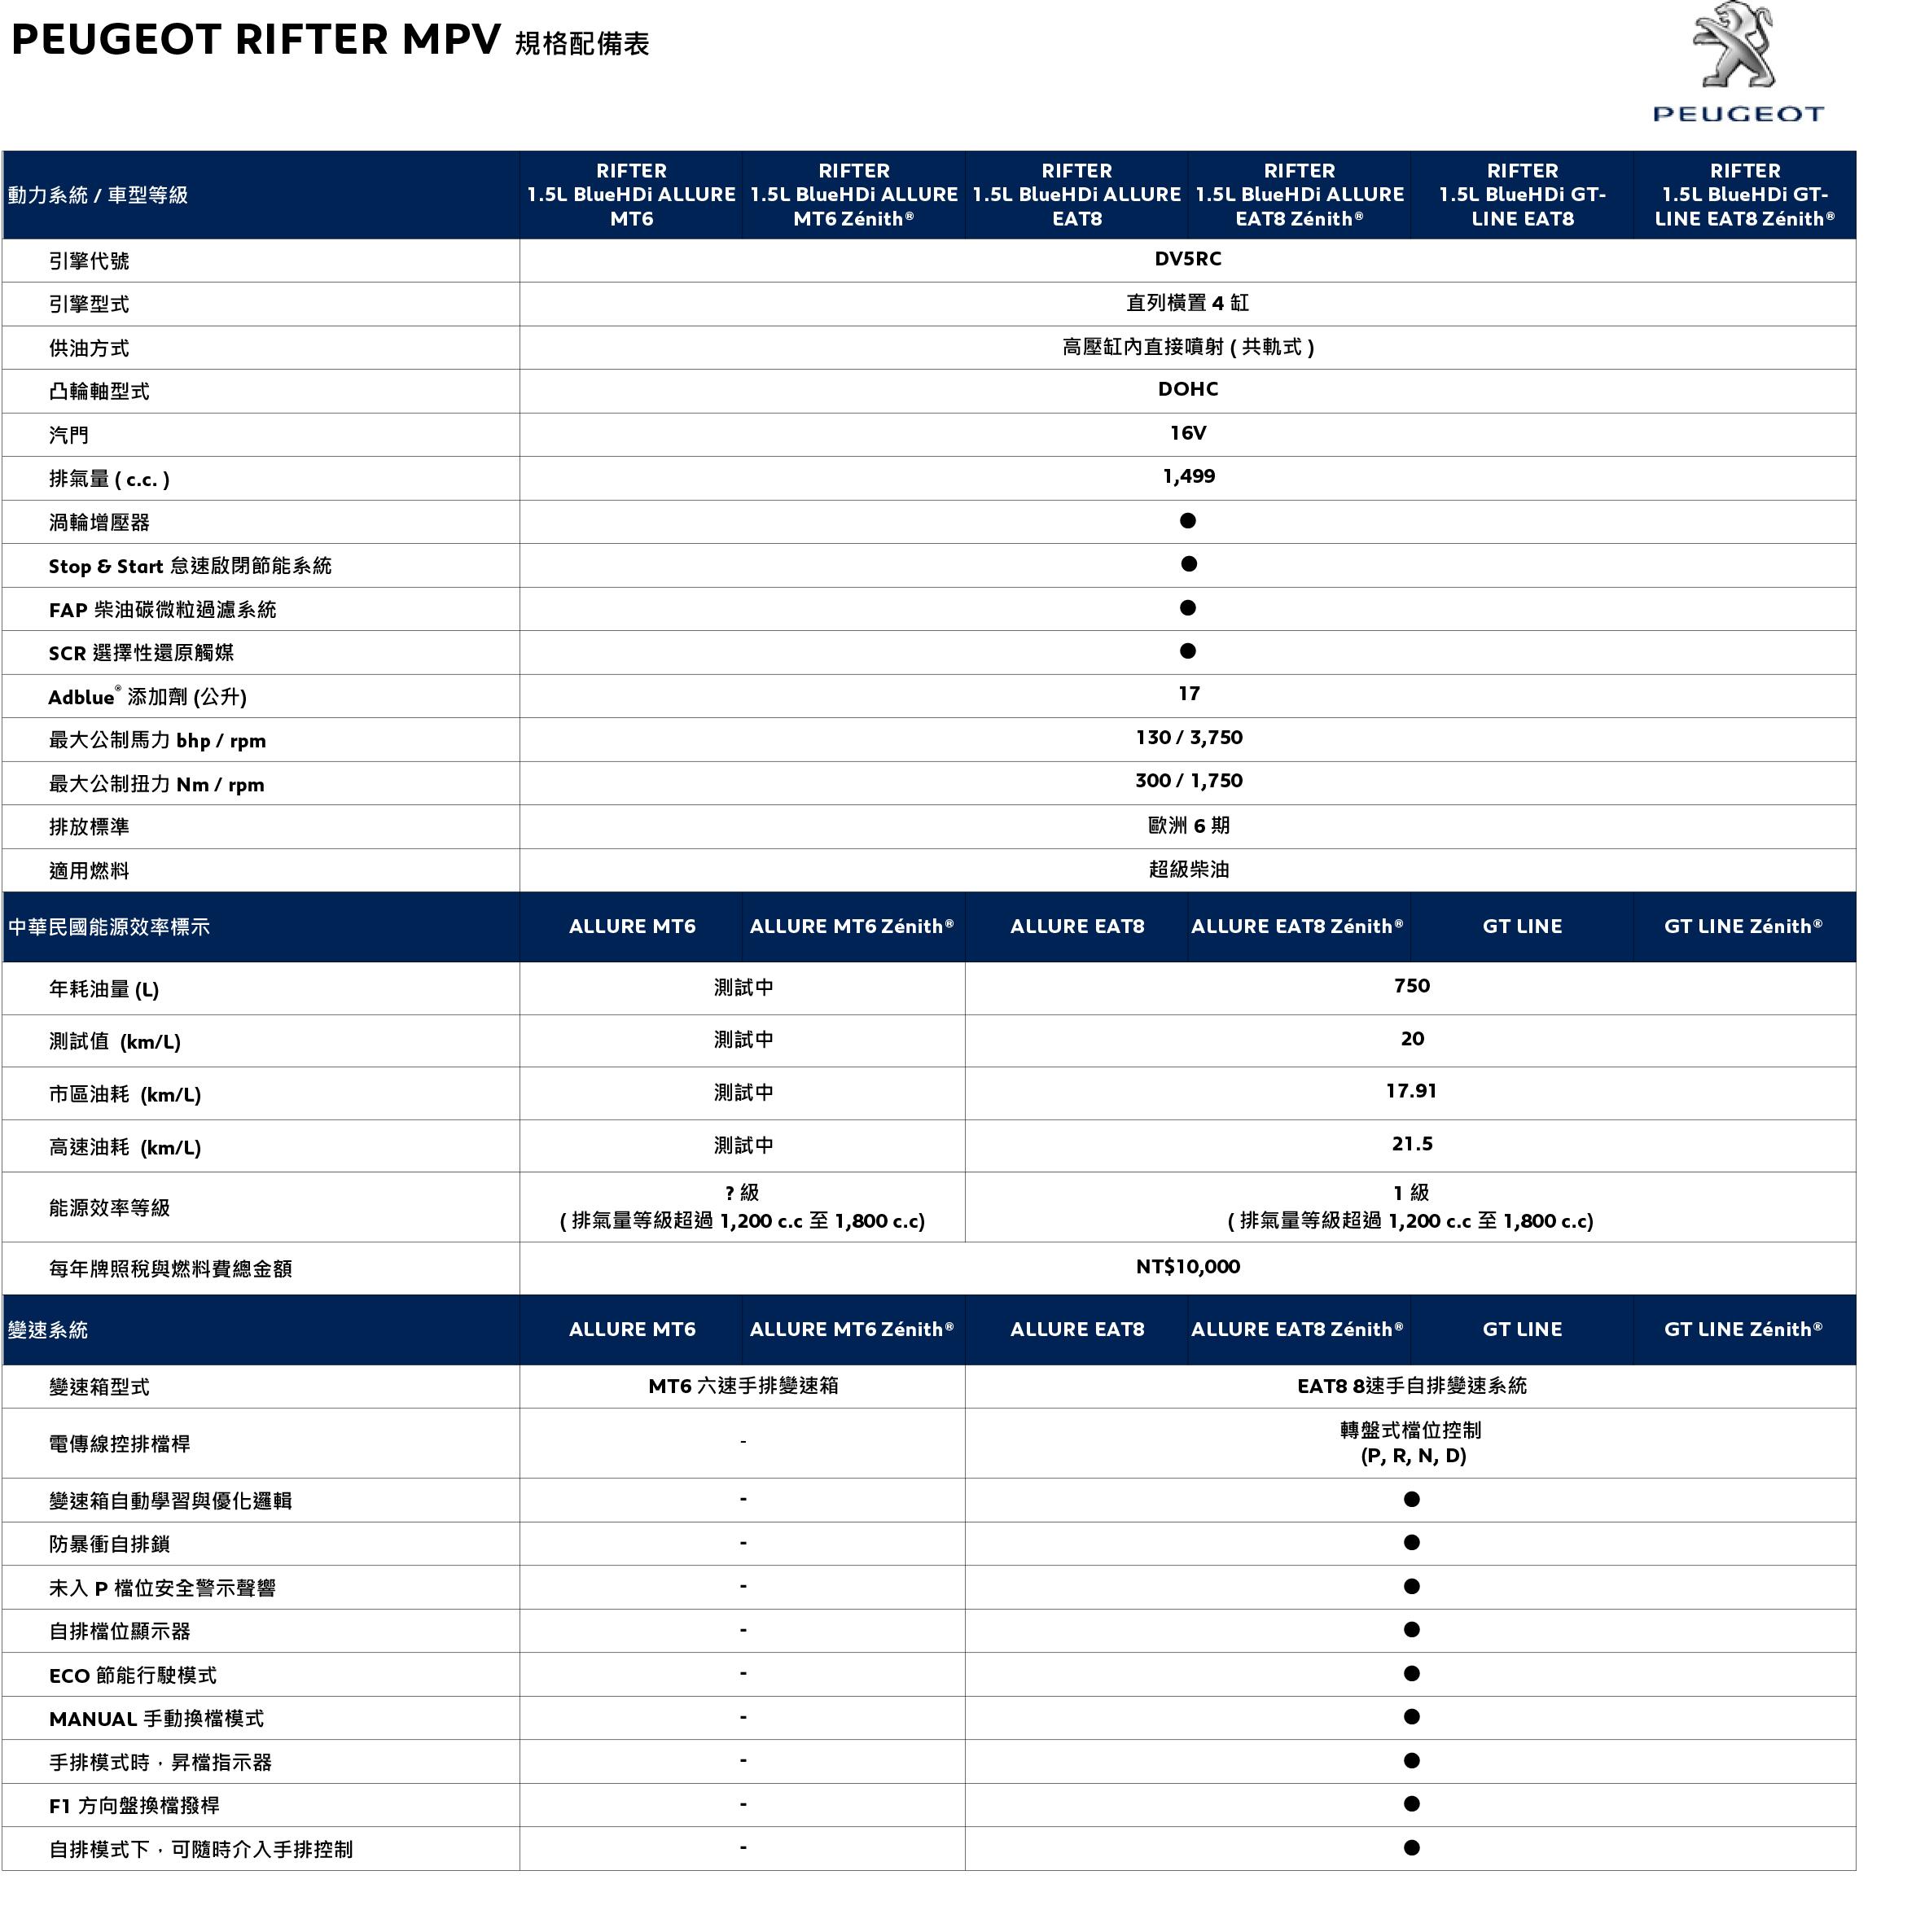 PEUGEOT RIFTER MPV 規格配備表_20191021-1